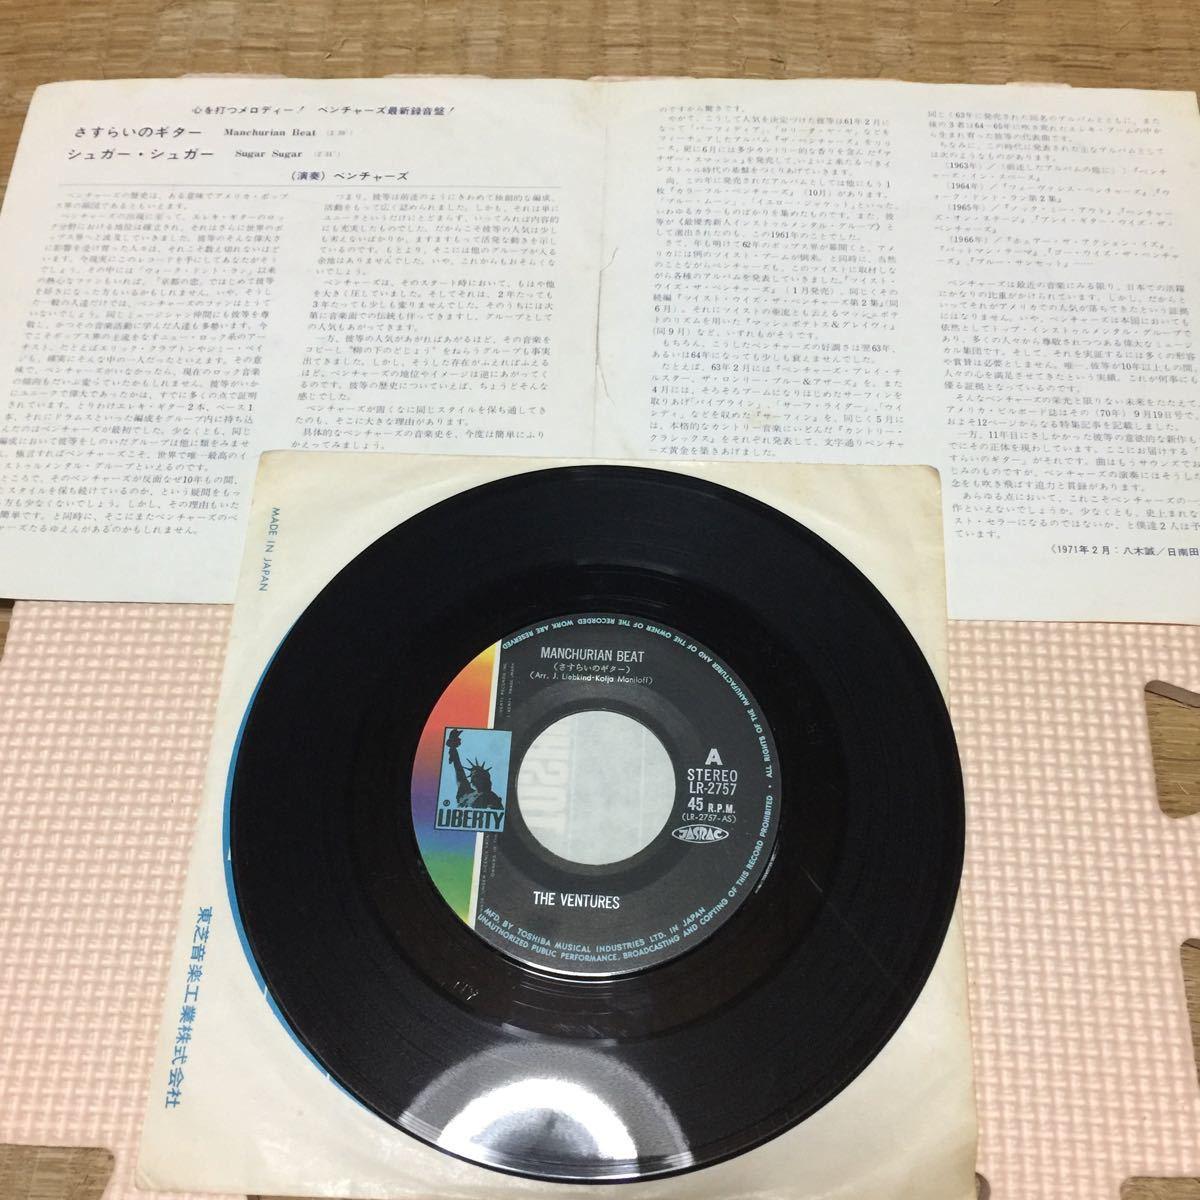 ザ・ベンチャーズ さすらいのギター 国内盤7インチレコード